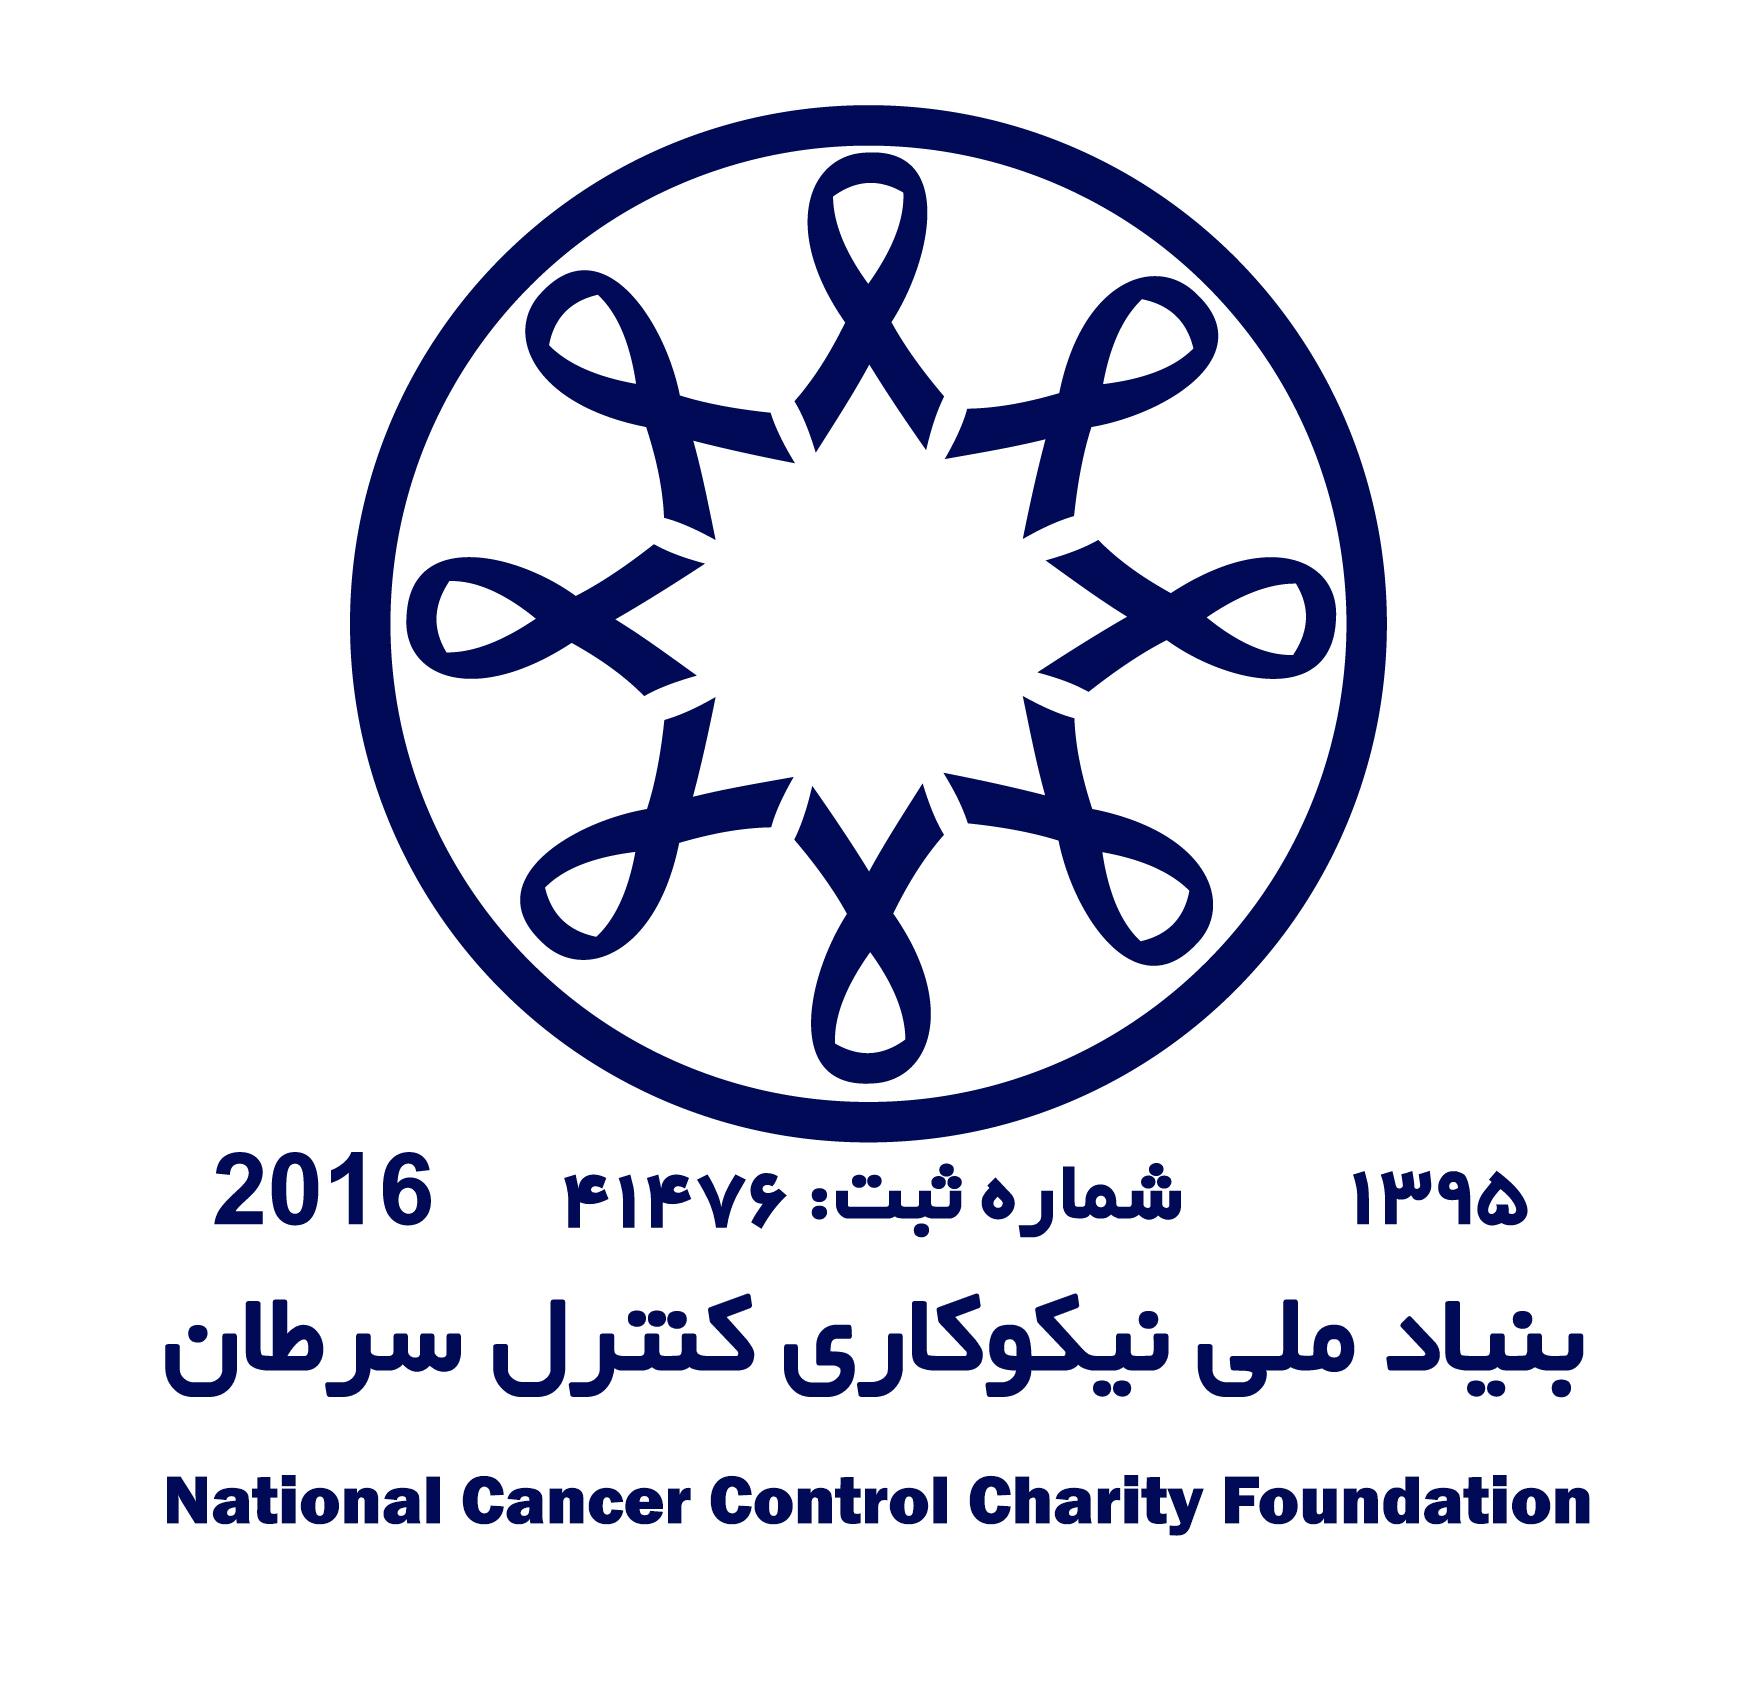 فیلم کوتاه معرفی بنیاد ملی نیکوکاری کنترل سرطان (بنیاد در یک نگاه)